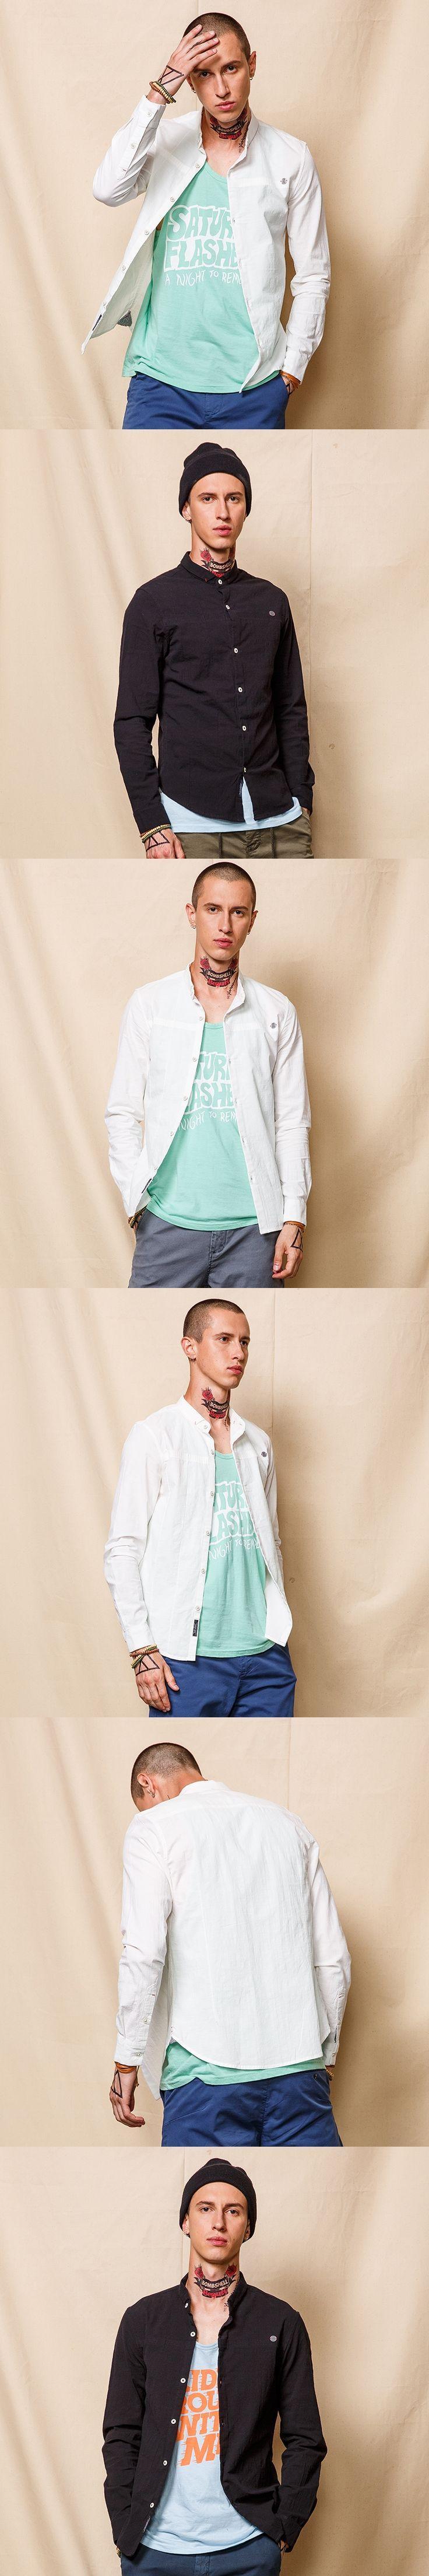 Mens Hawaiian Shirt Male Casual camisa masculina Printed Beach Shirts Long Sleeve brand crossfit clothing Free Shipping